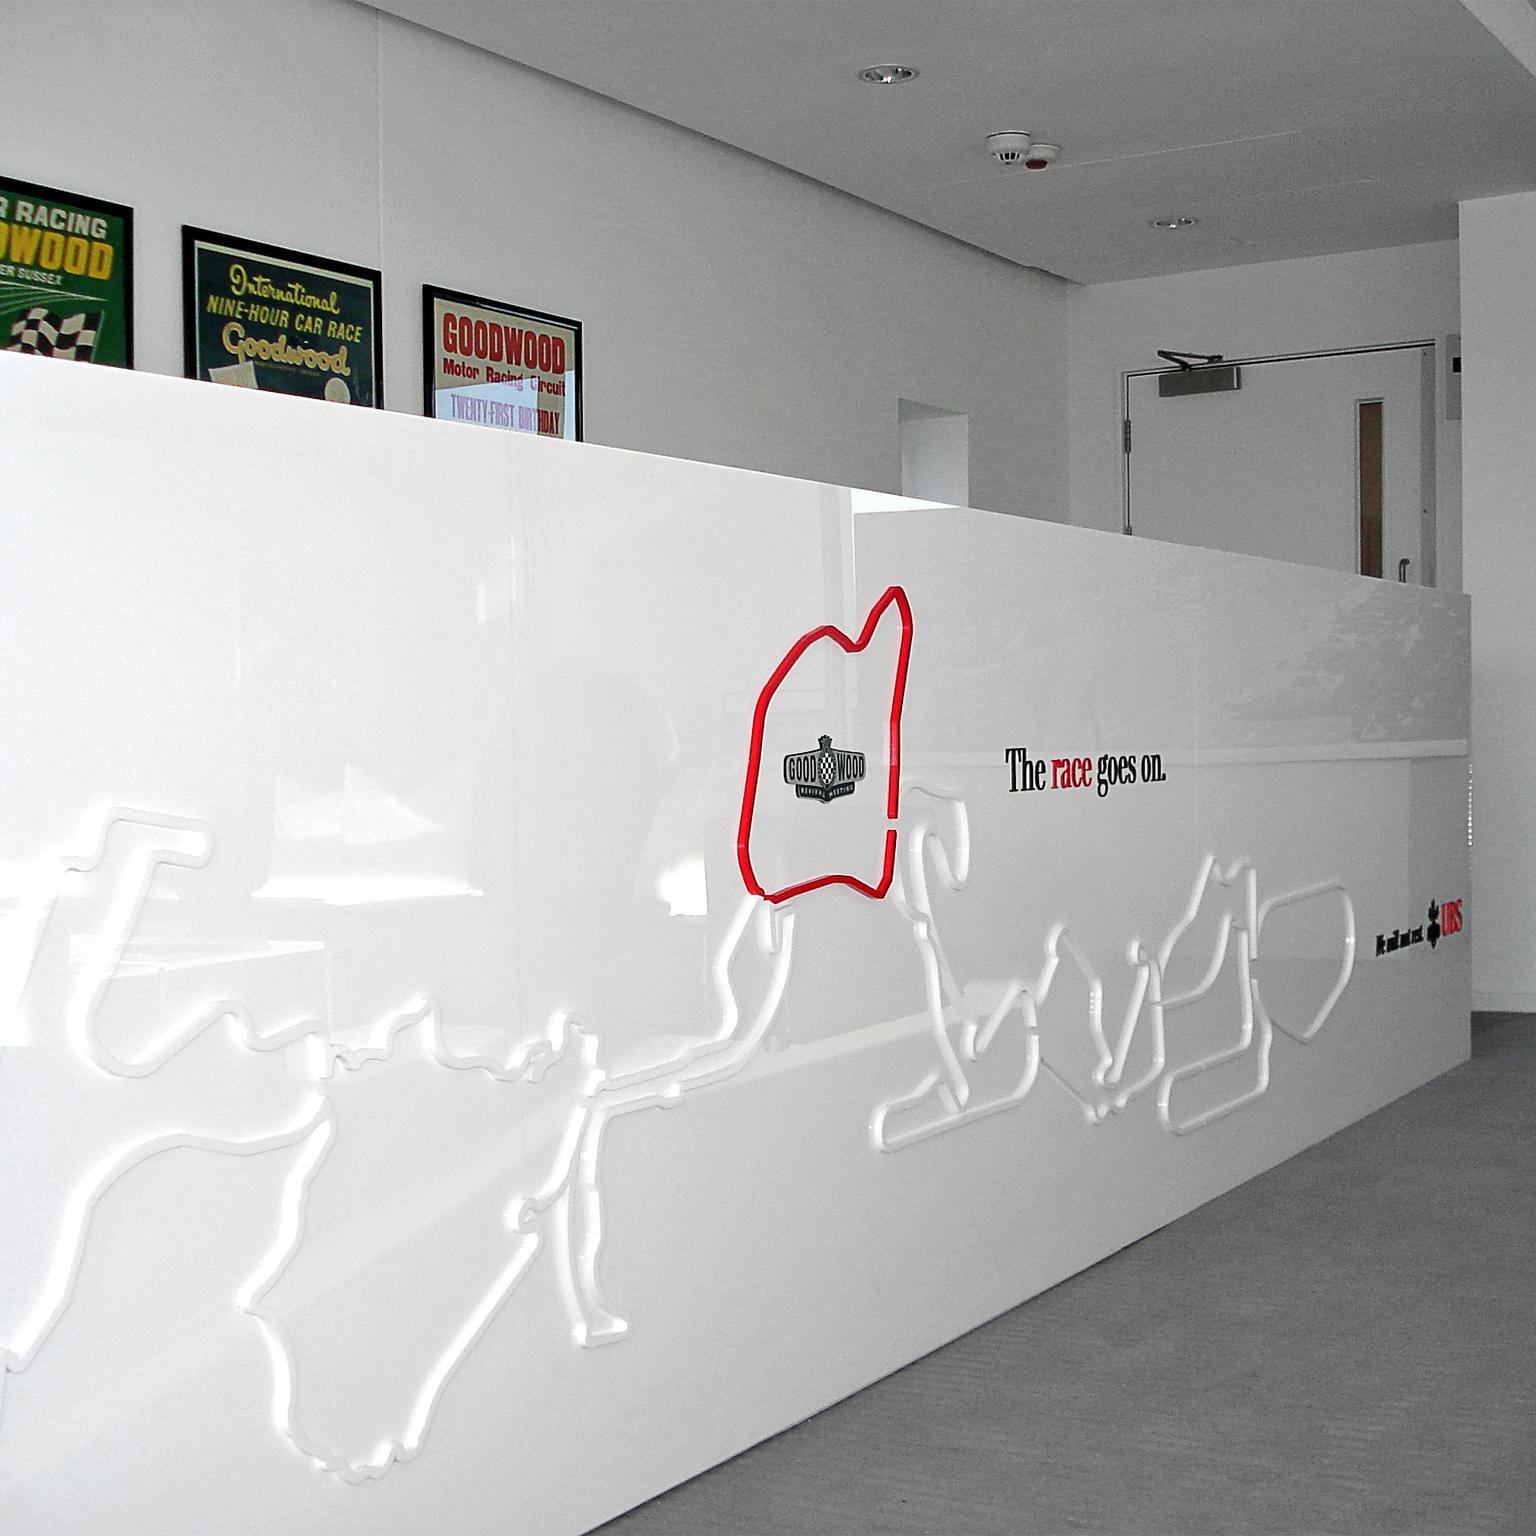 UBS Goodwood Event Bar Detail